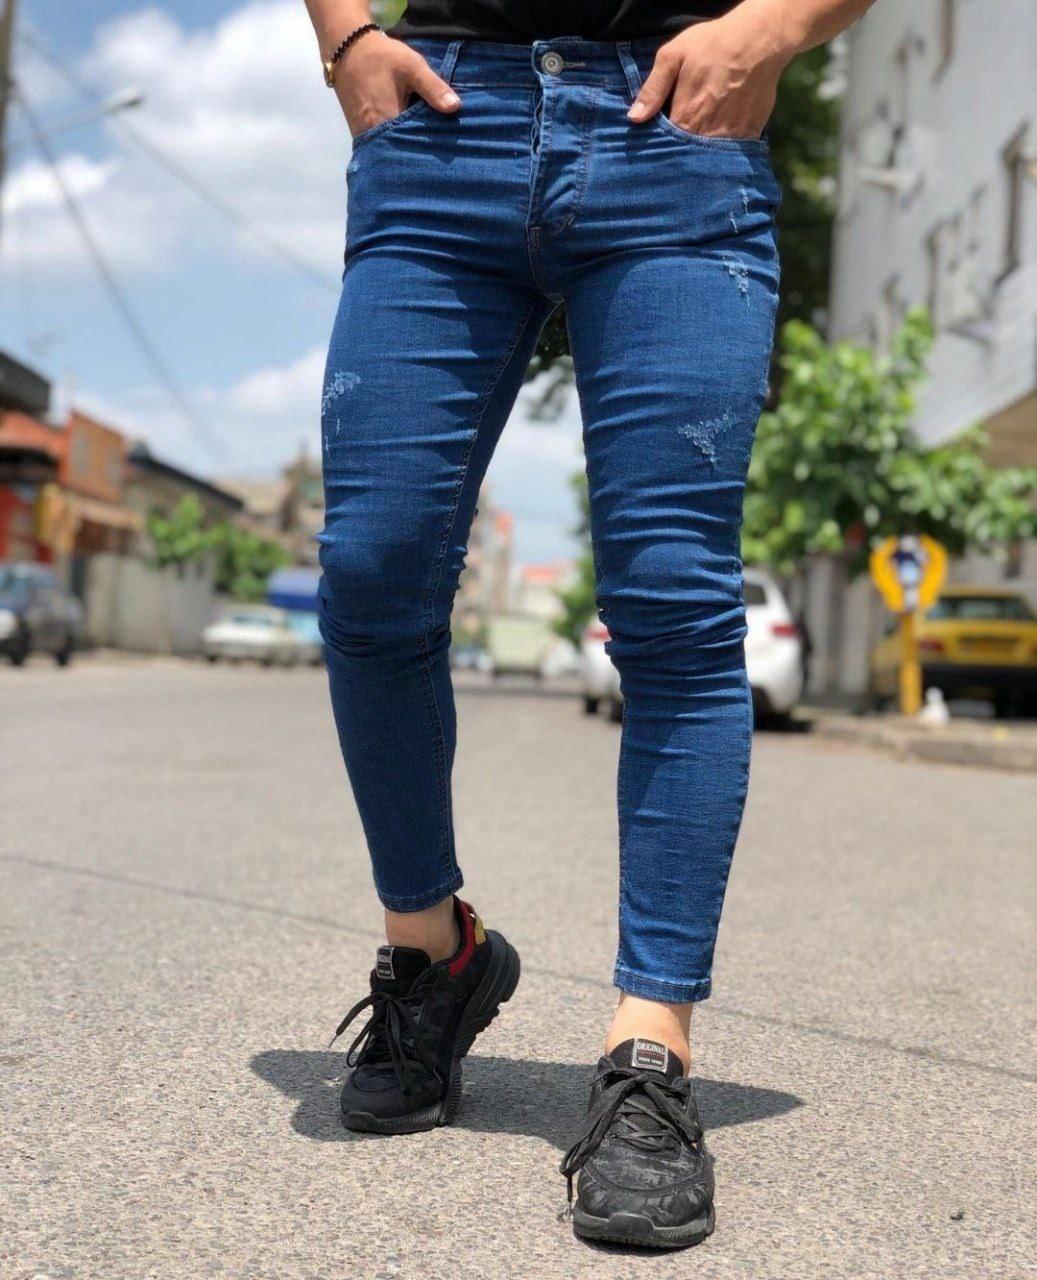 تصویر شلوار جین آبی زاپ دار مردانه جدید و خاص و خیره کننده - 30